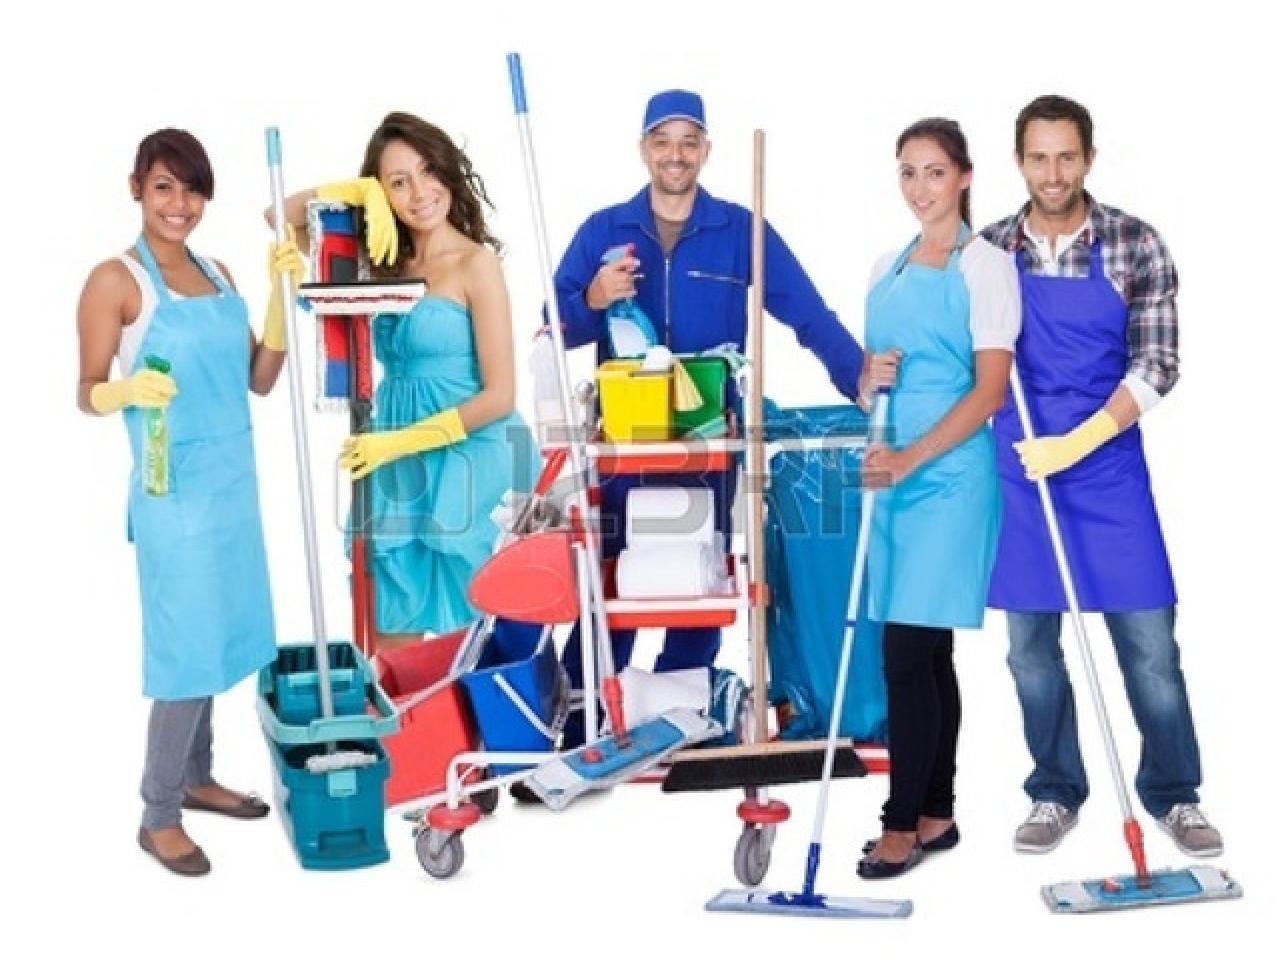 Нянички, Дом. Работницы или Сиделкоѝ в Англии £150-400 в недели - 3